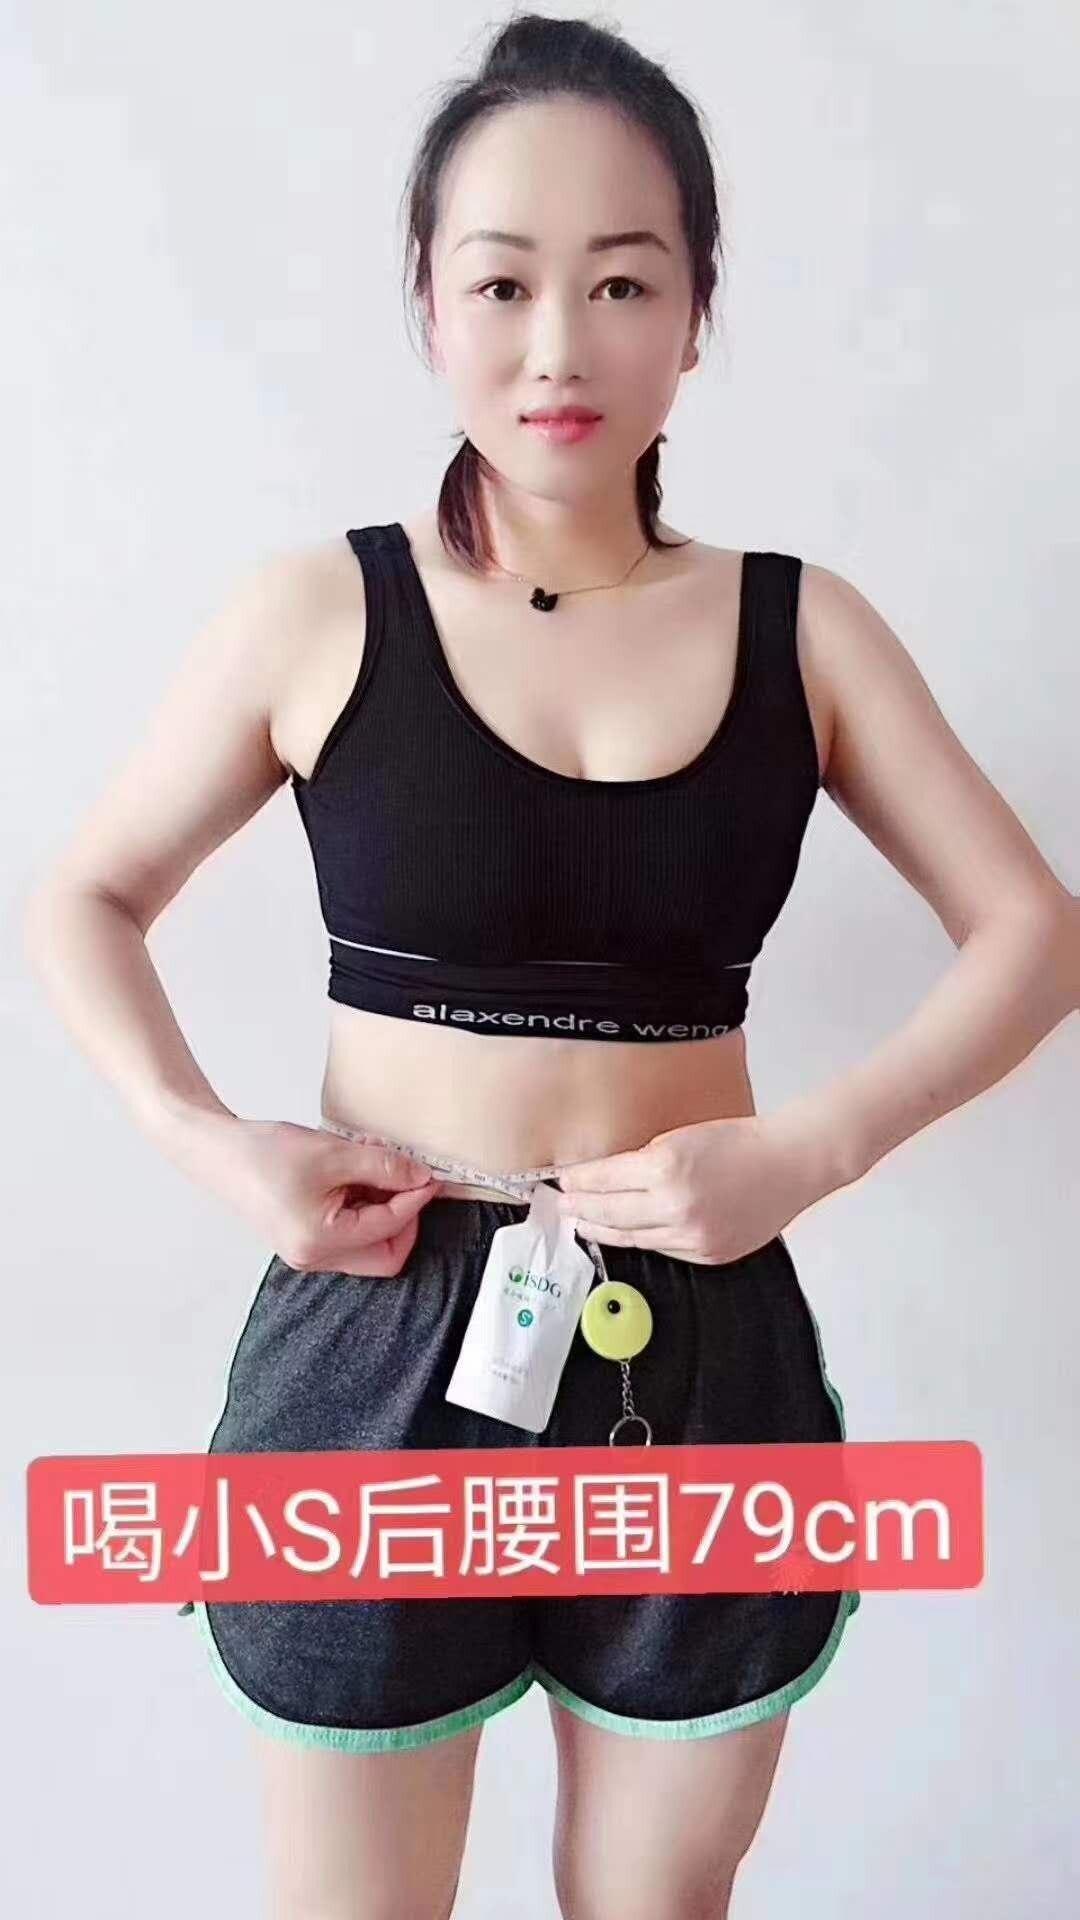 瘦了、她瘦了,喝小S甩肉204斤,腰围减了17CM‼️